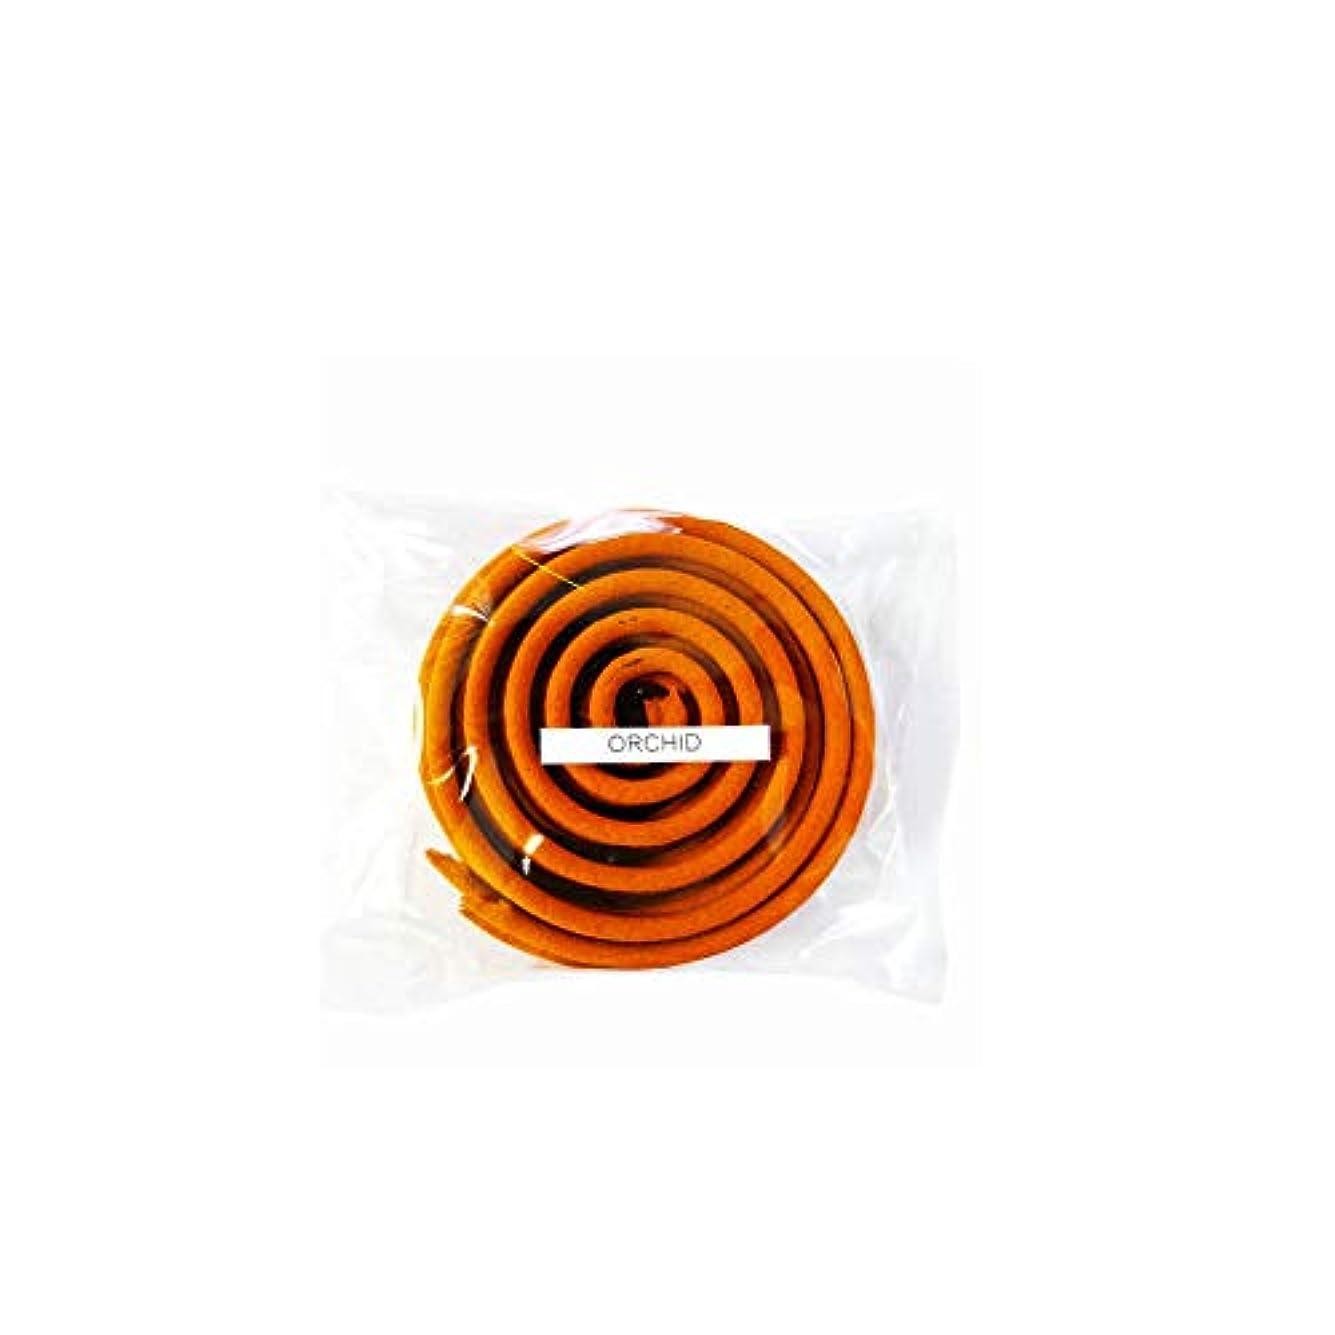 お香/うずまき香 ORCHID オーキッド 直径6.5cm×5巻セット [並行輸入品]